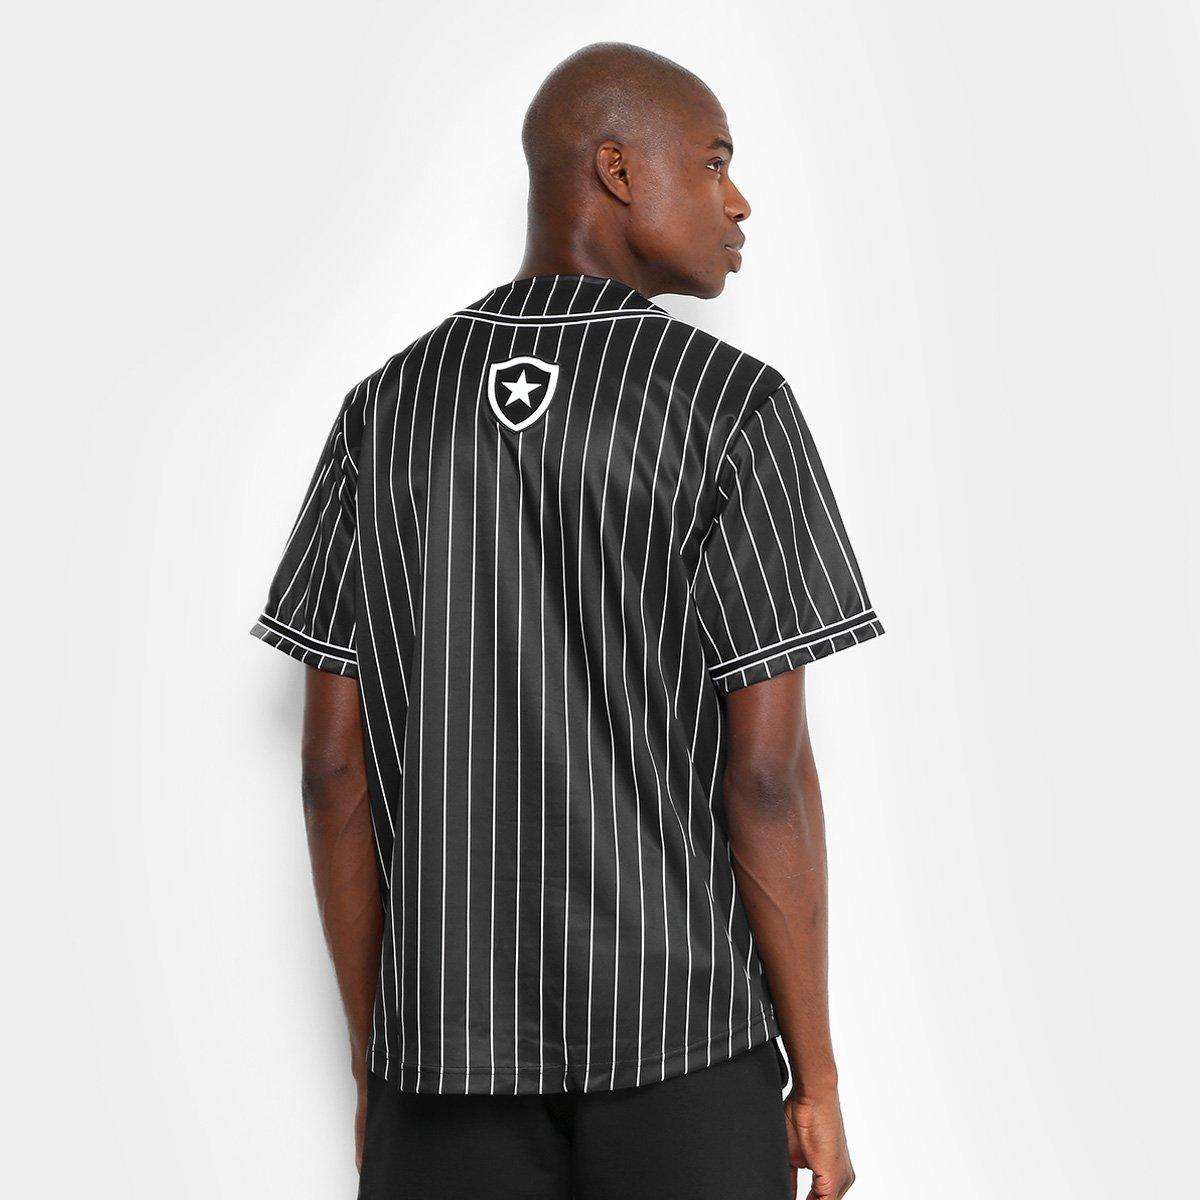 Camisa Botafogo Baseball Masculina  Camisa Botafogo Baseball Masculina ... 34b174b5bc42a